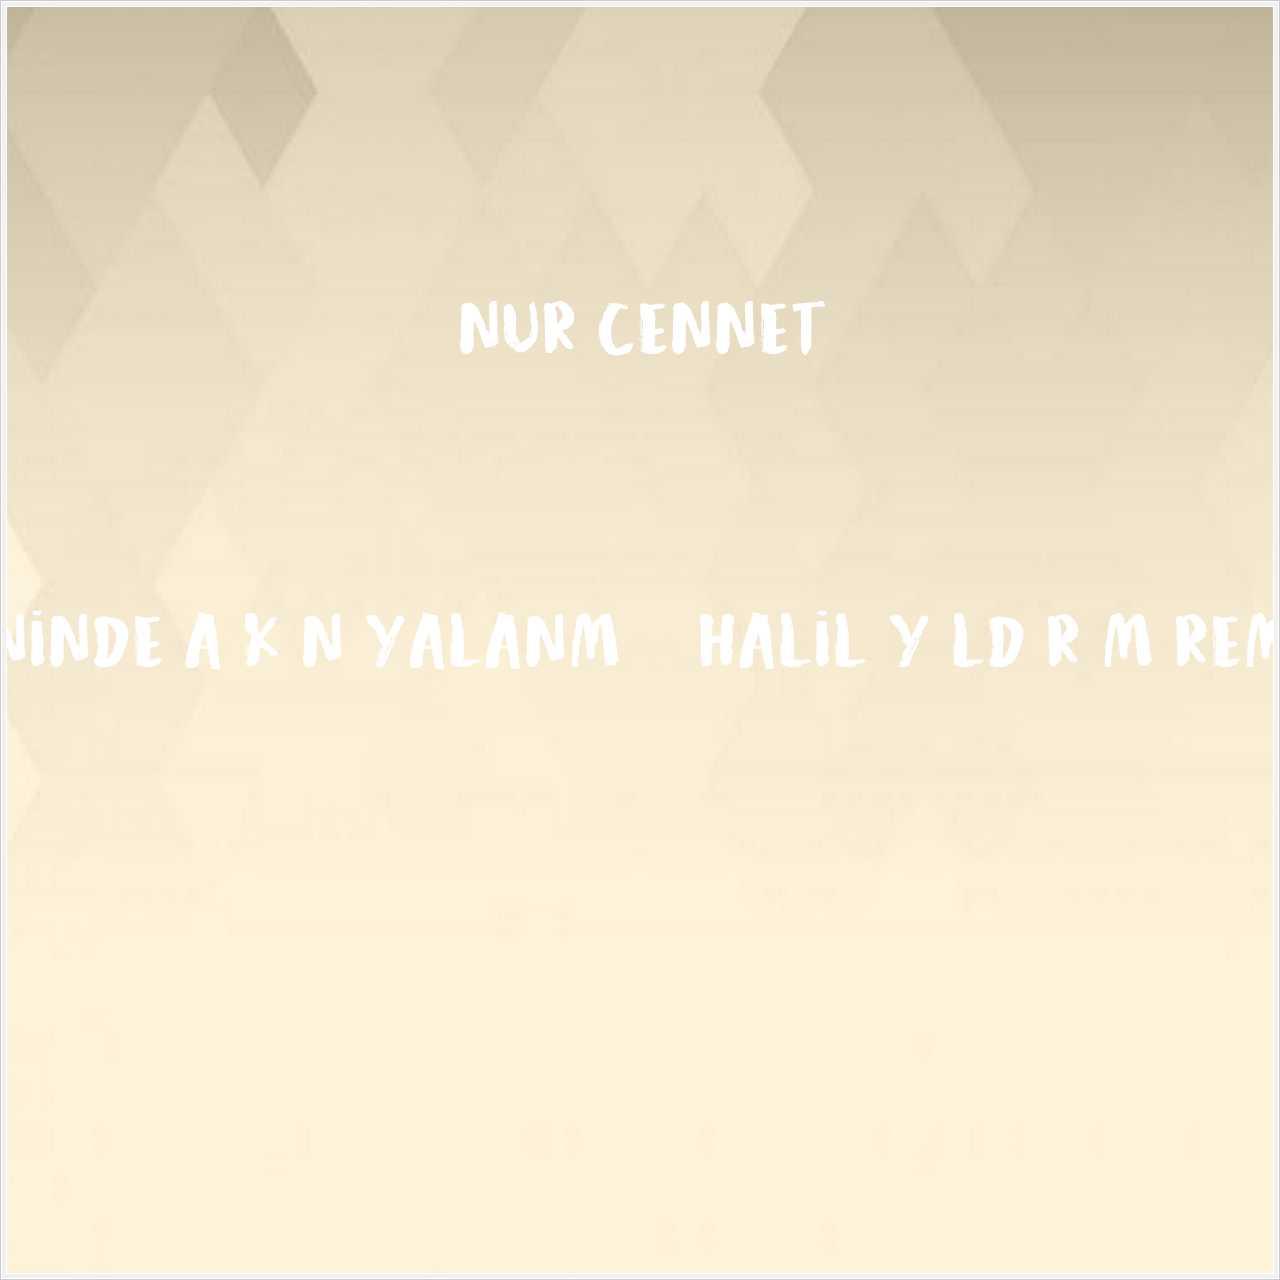 دانلود آهنگ جدید Nur Cennet به نام Seninde Aşkın Yalanmış (Halil Yıldırım Remix)